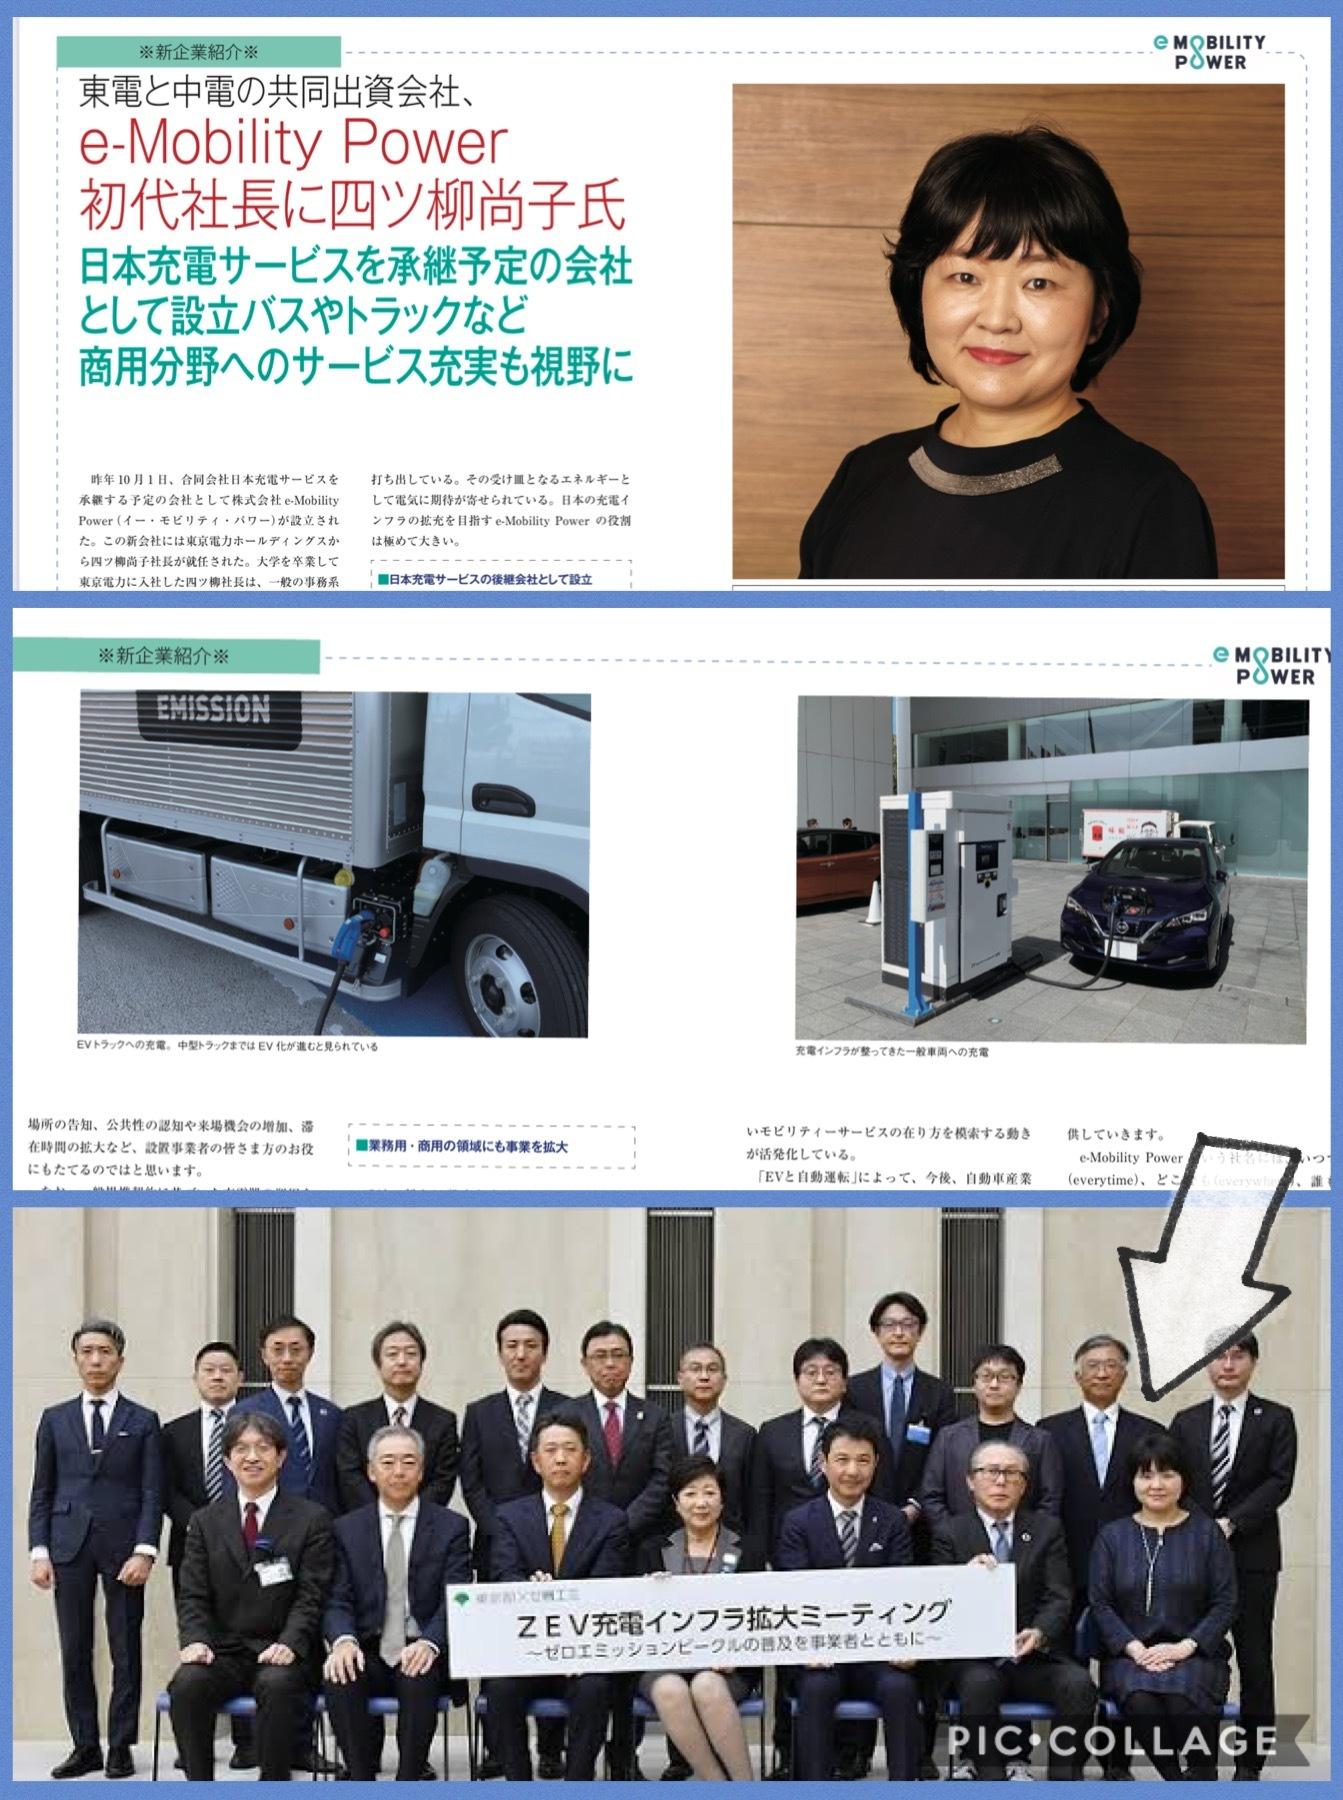 e-Mobility Power EV充電サービス